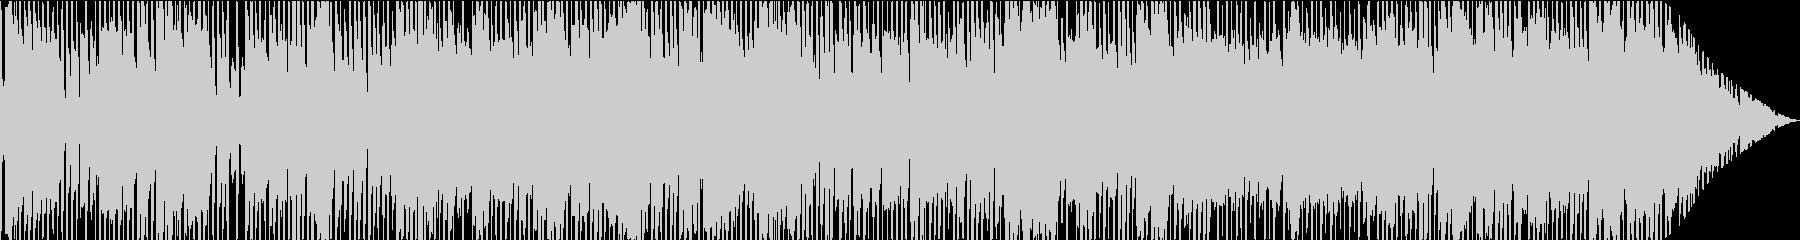 グルーヴィーなテナーサックスメロデ...の未再生の波形